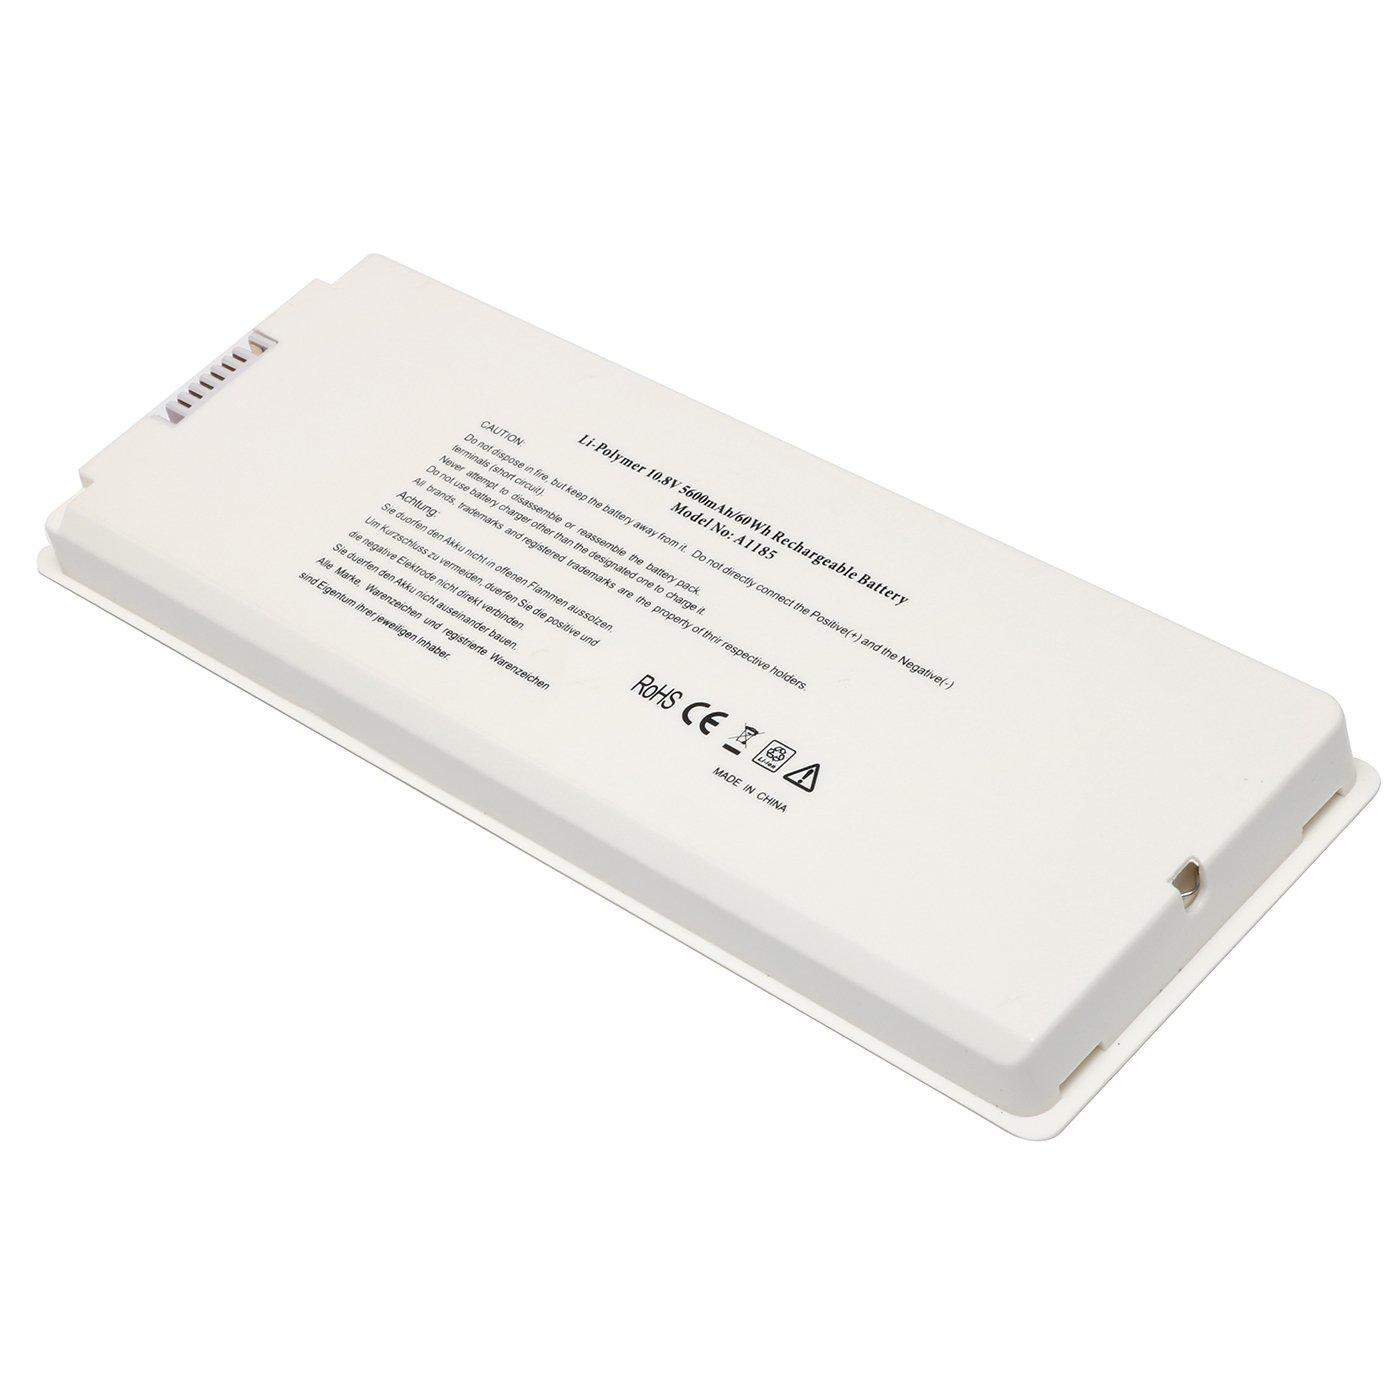 Bateria 10.8V 5600mAh/60Wh para Apple MacBook 13 A1185 A1181 MA561 MA561FE/A MA561G/A MA561J/A MA254B/A MB062X/A White